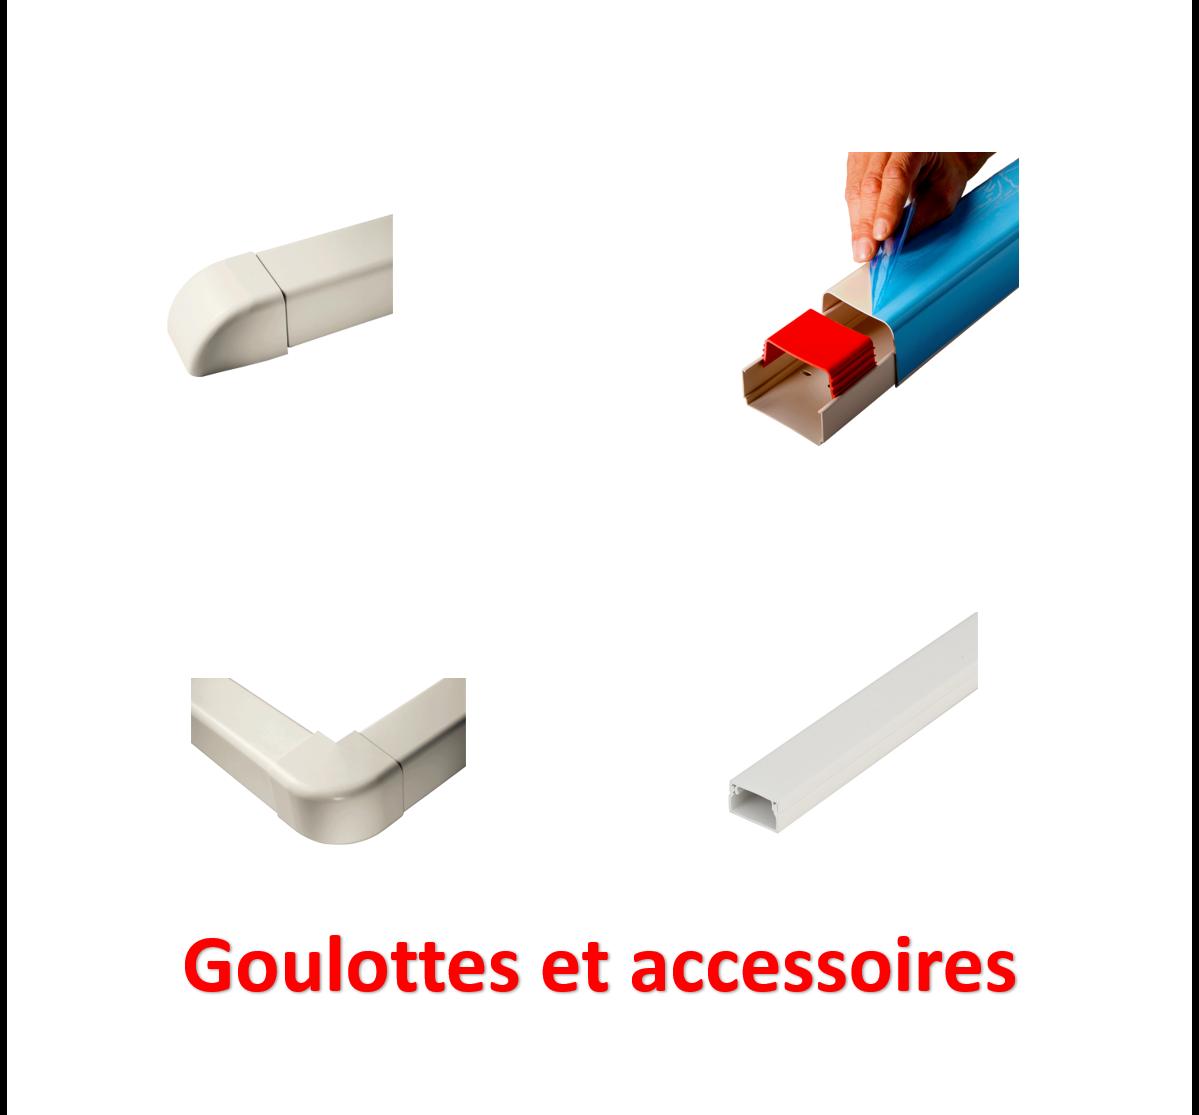 Goulottes et accessoires